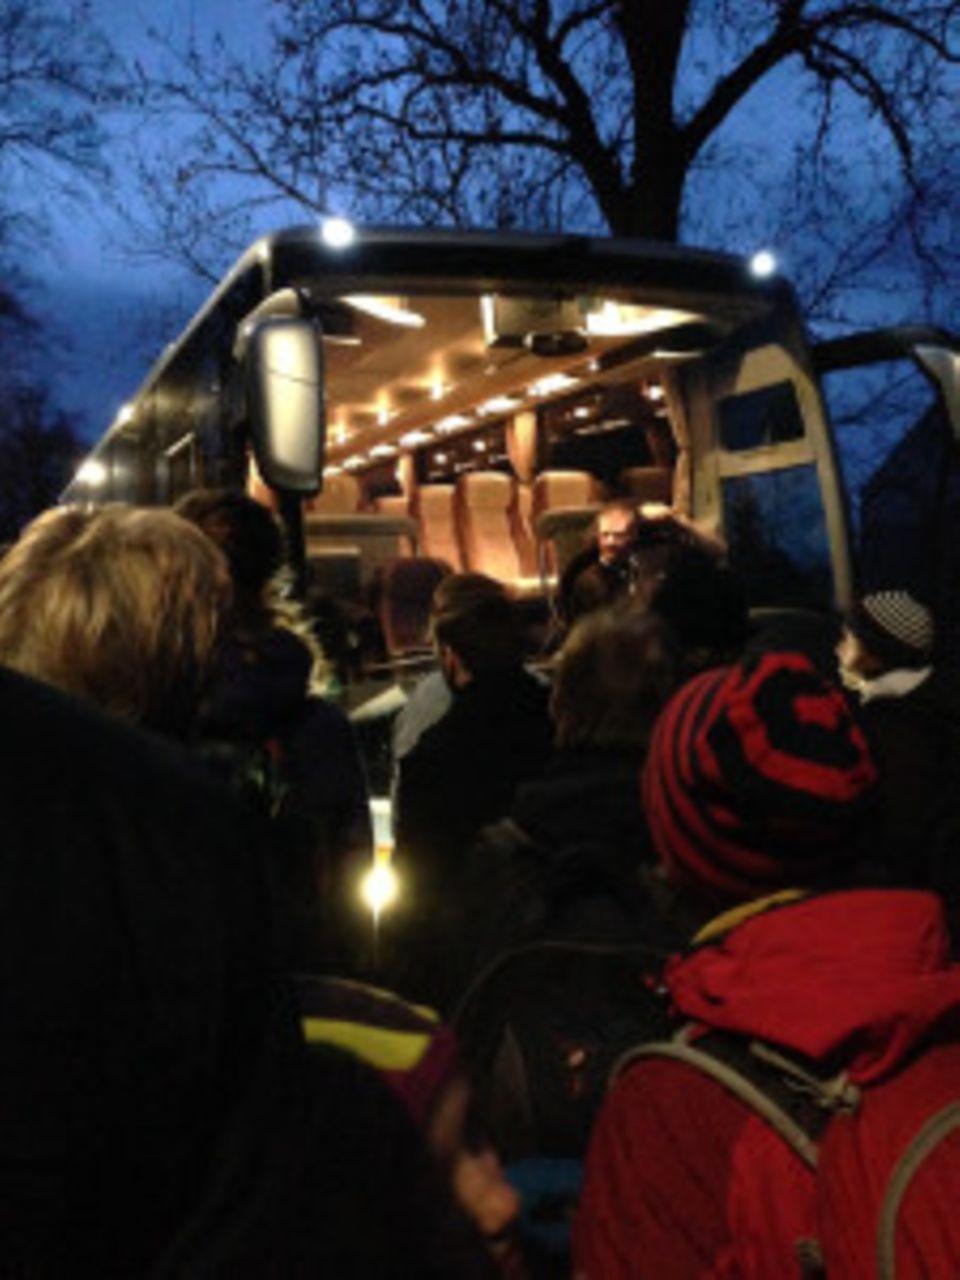 Neulich im Auto: Yeah: Der erste (und einzige) Bus nimmt einen kleinen Teil der gestrandeten Fahrgäste auf.